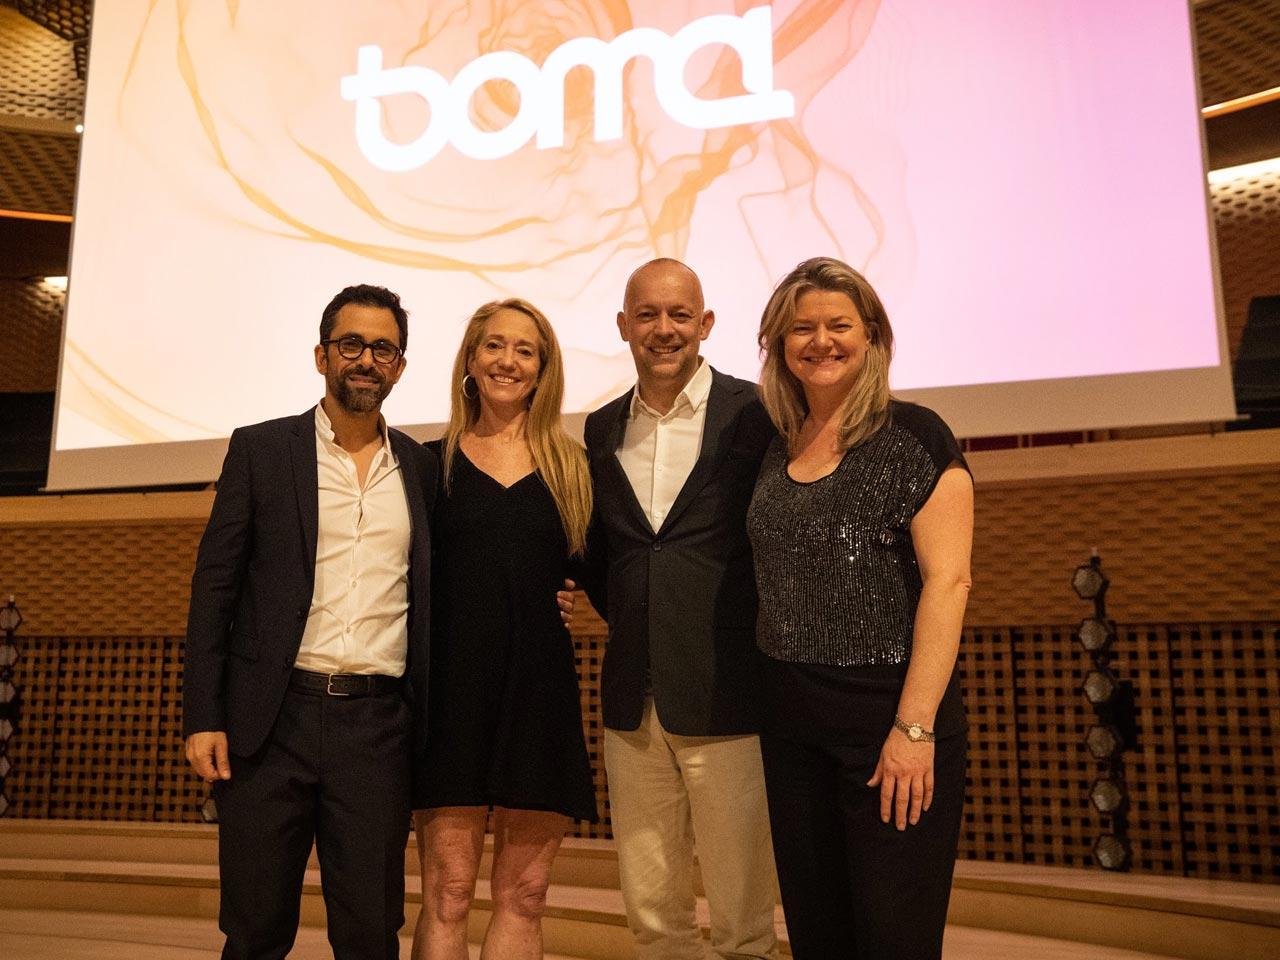 Notre équipe - L'équipe de Boma France est constituée de profils avides d'accompagner ceux qui imaginent le monde de demain.Lire la suite